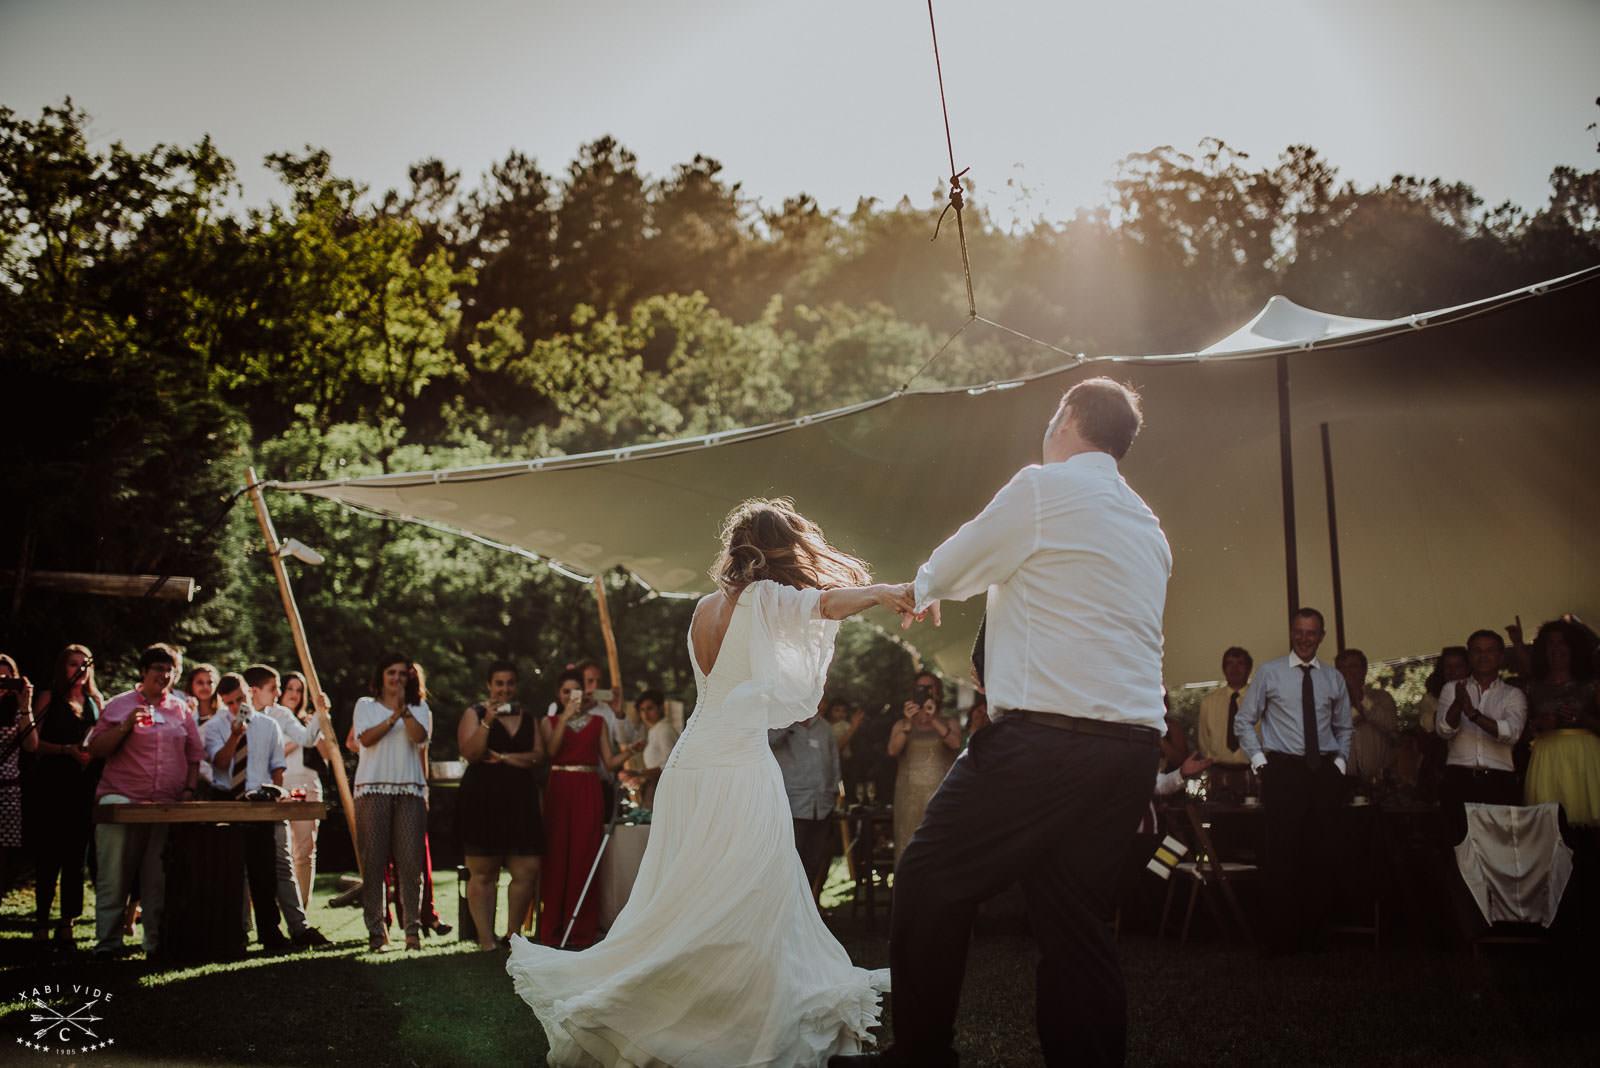 fotografo de bodas en bilbao-138